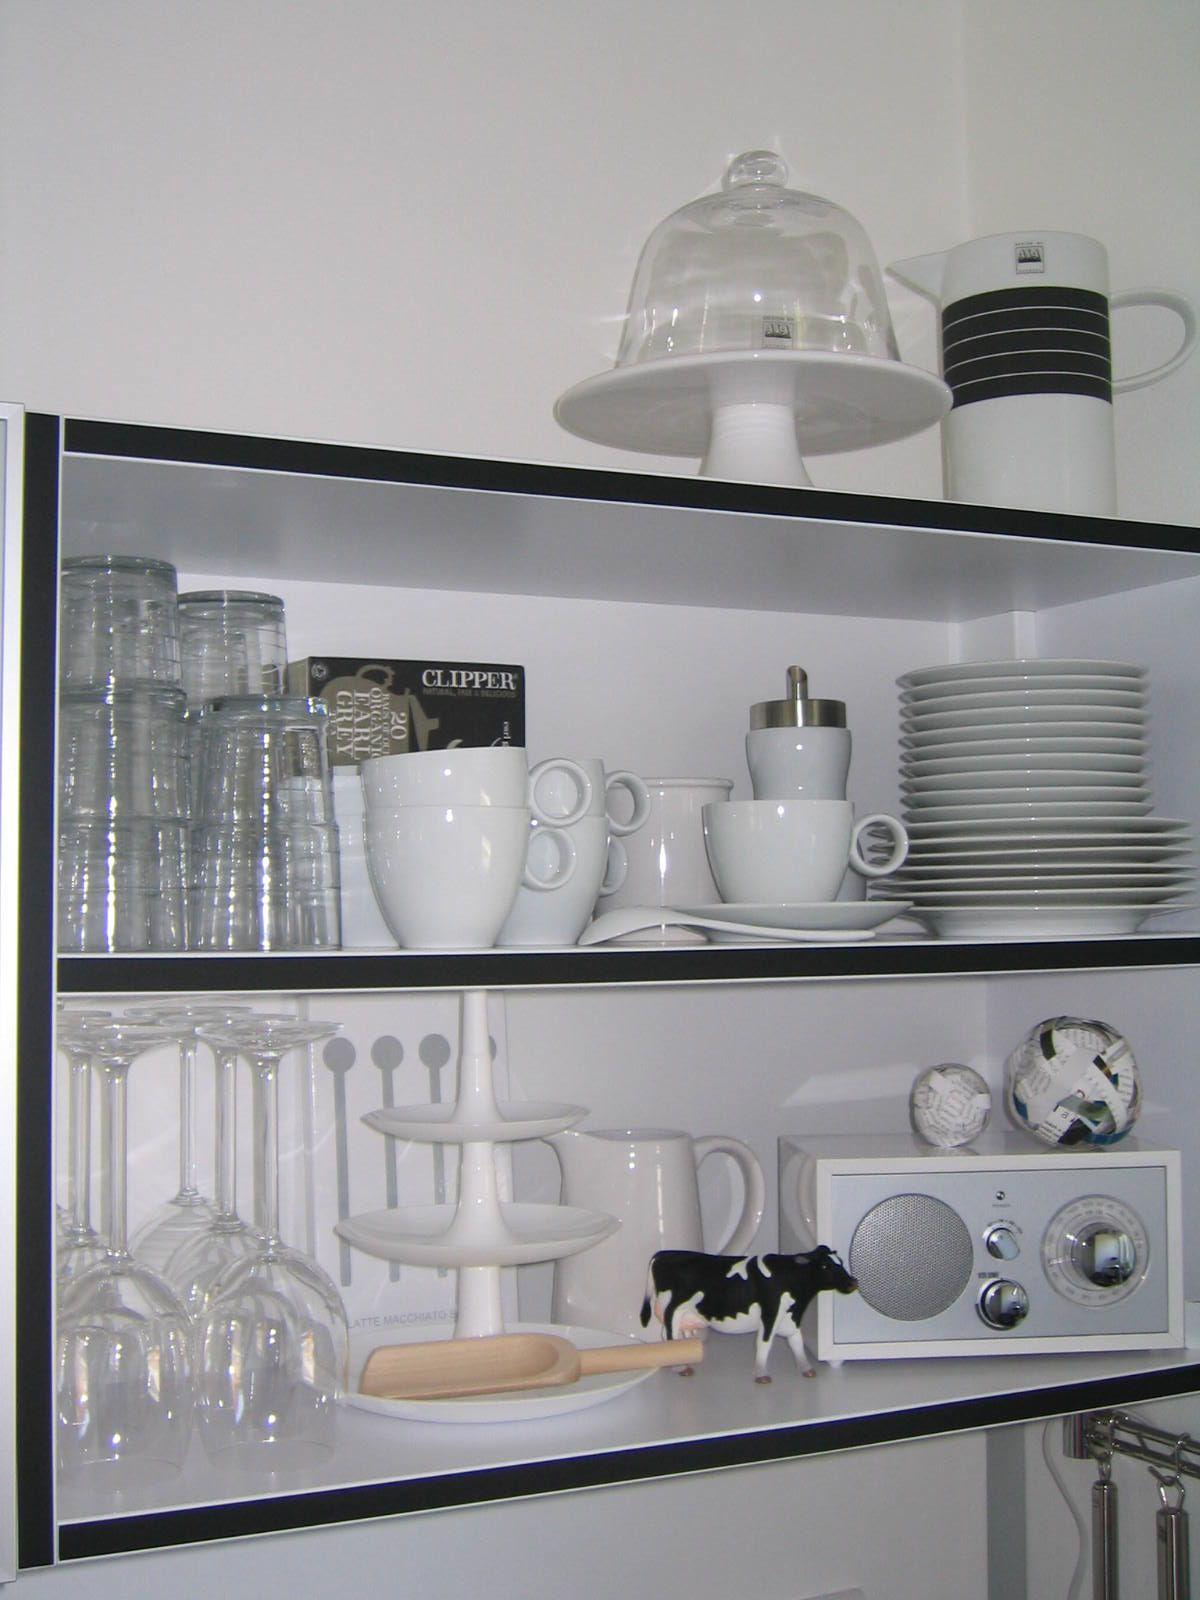 Ausgezeichnet Diy Küchenregal Ideen Zeitgenössisch - Küchenschrank ...